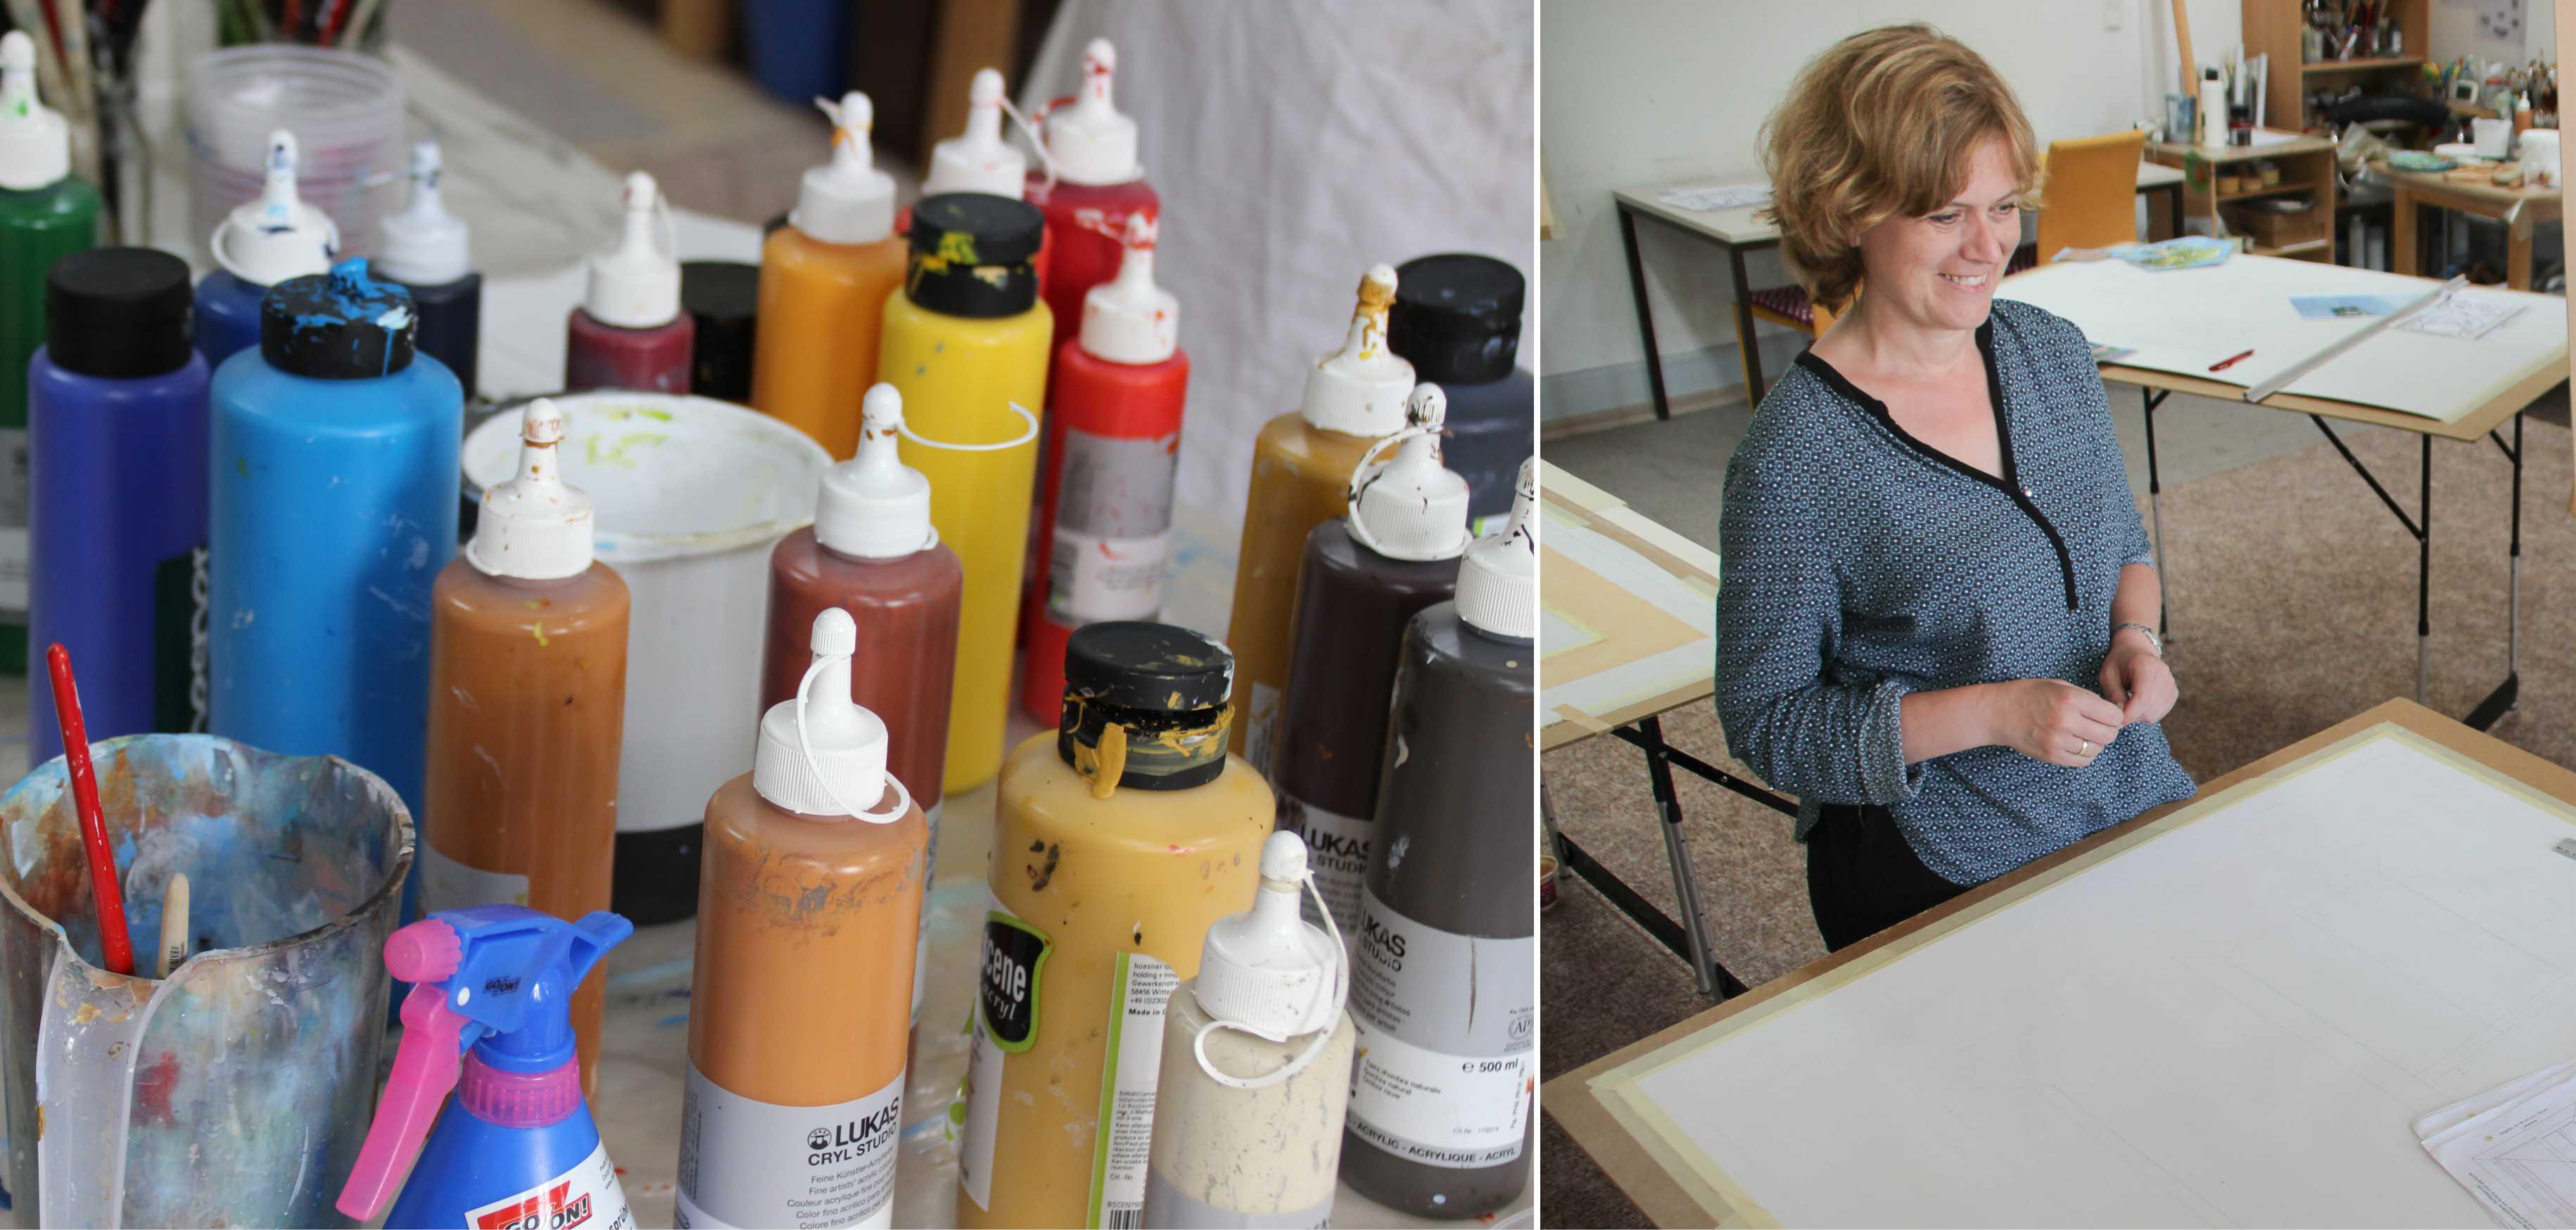 Kurs Bildkomposition für Künstler, Kunstakademie Wertheim, Akademie für Fotorealismus, Atelier Leoni